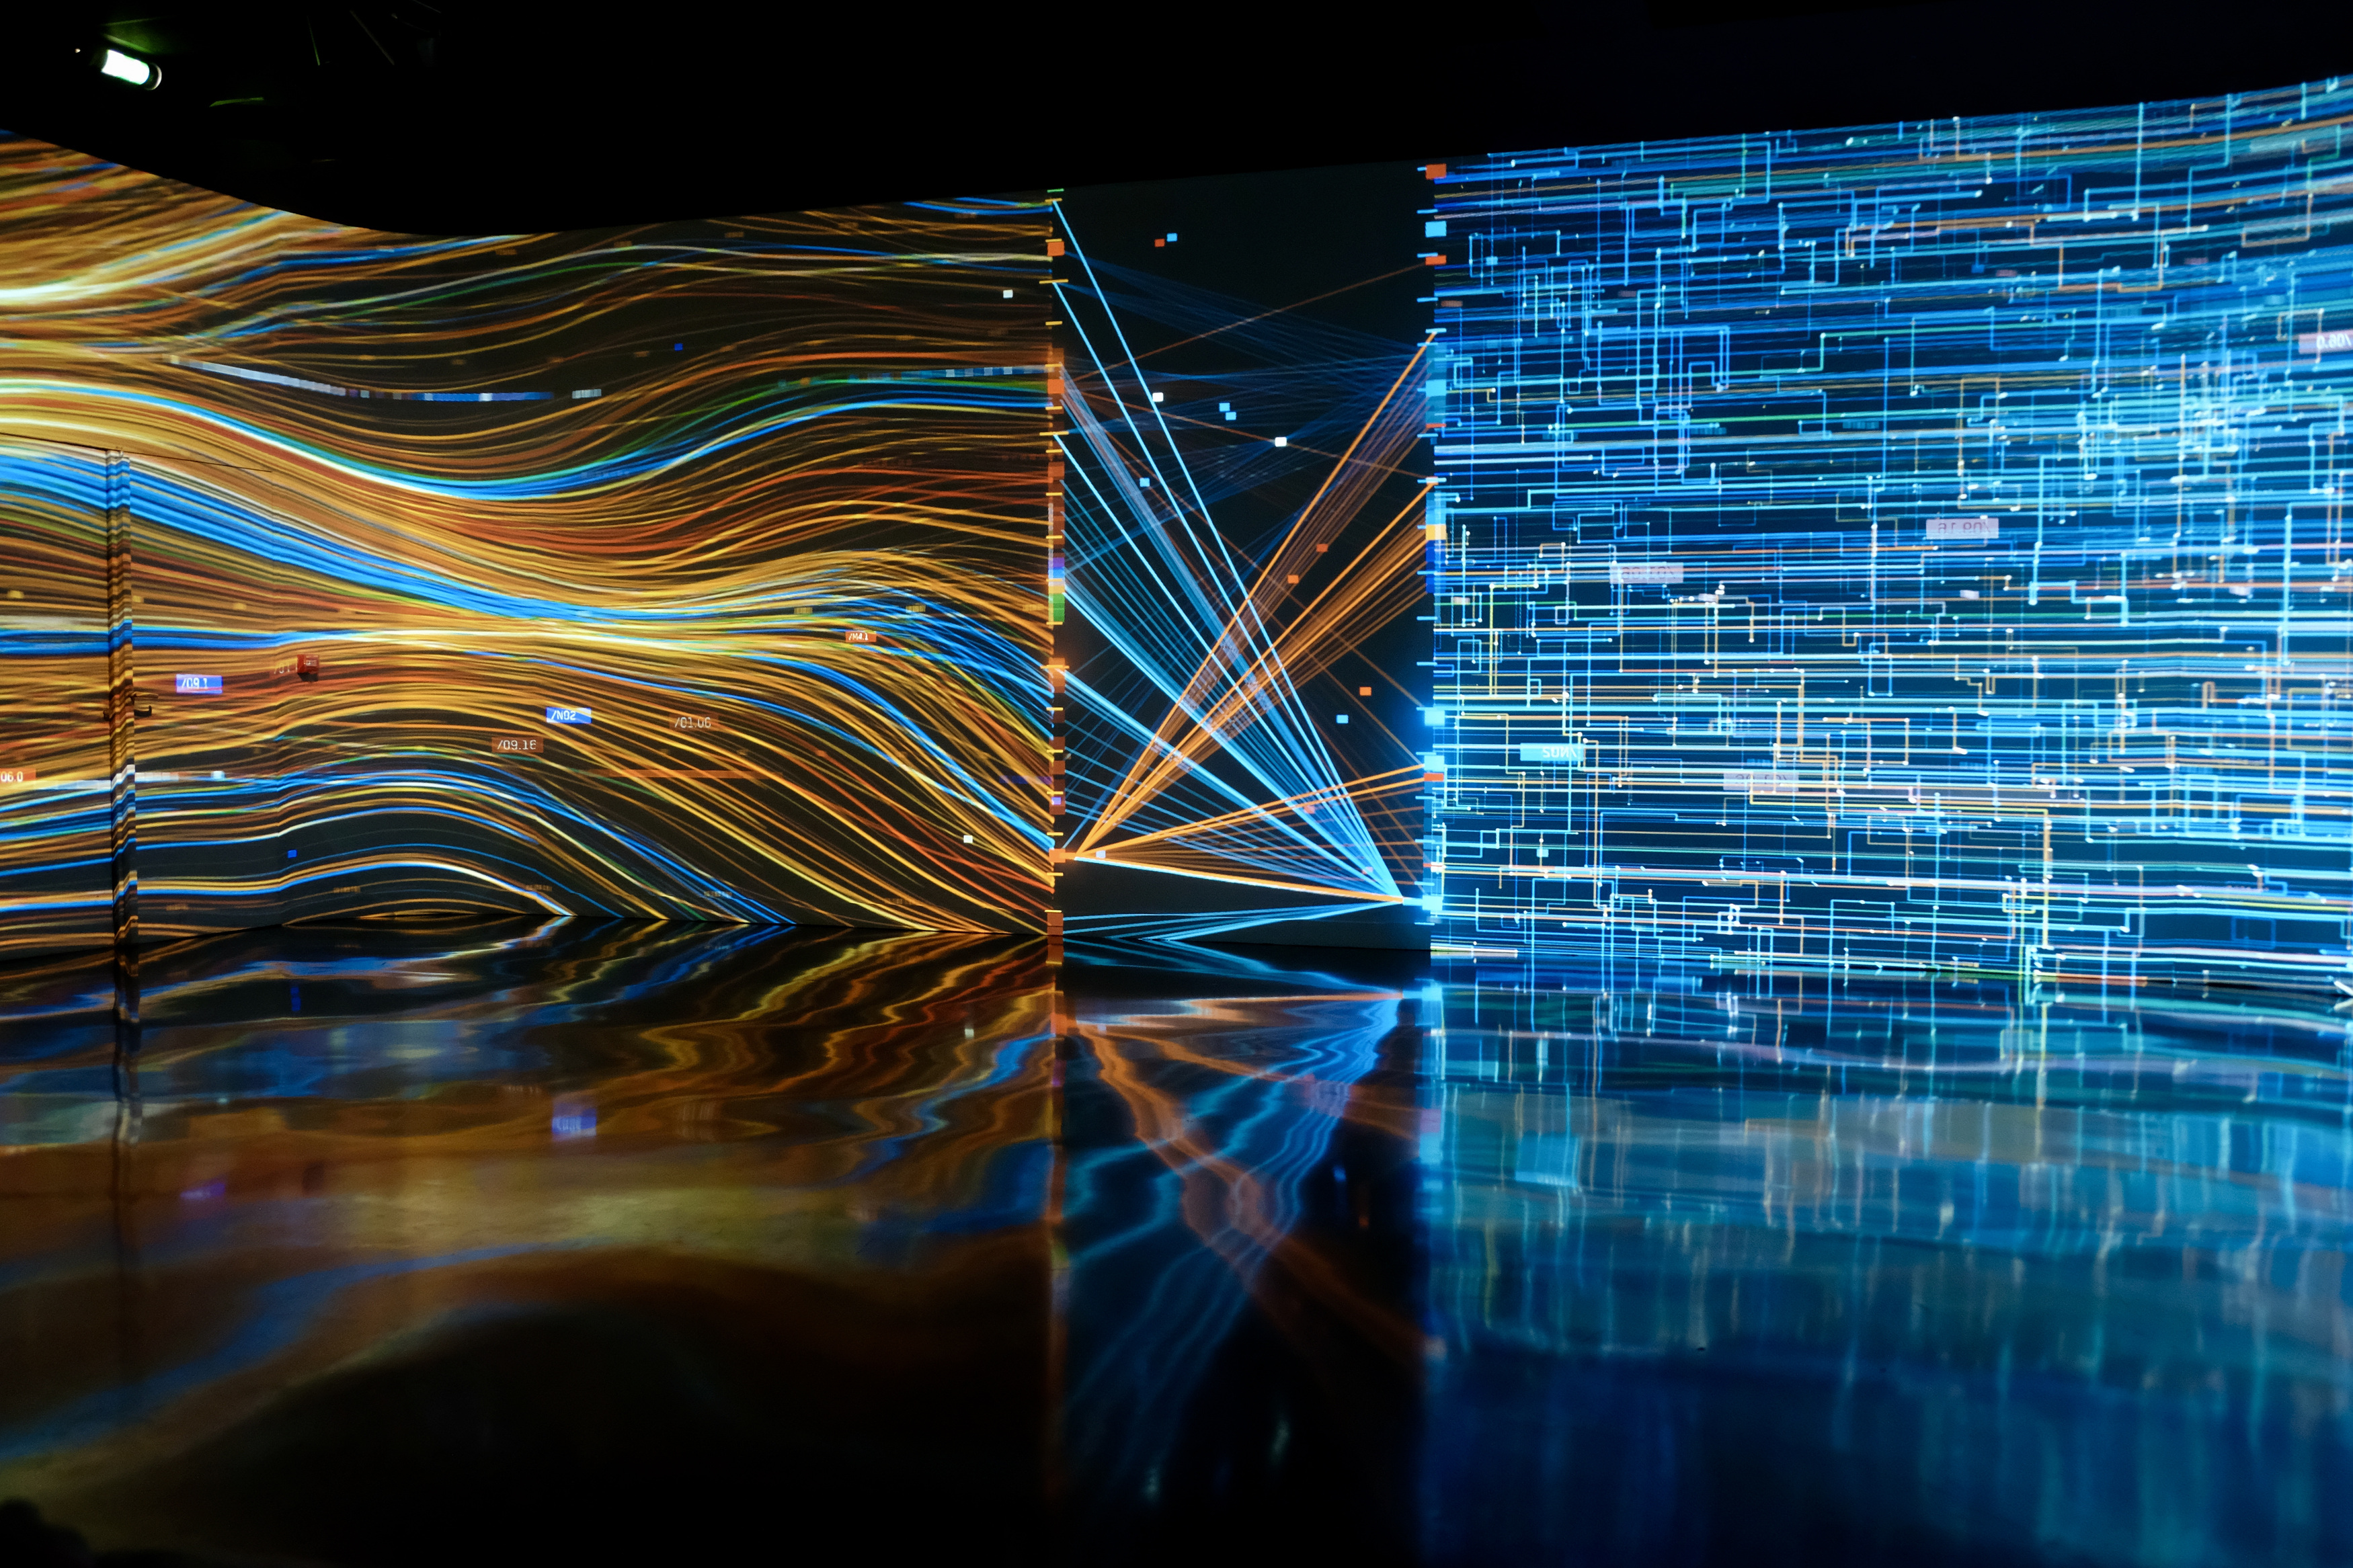 Abstraction, light, colors, Paris, museum, reflection, France, lines, Atelier des Lumières, , Povarova Ree Svetlana